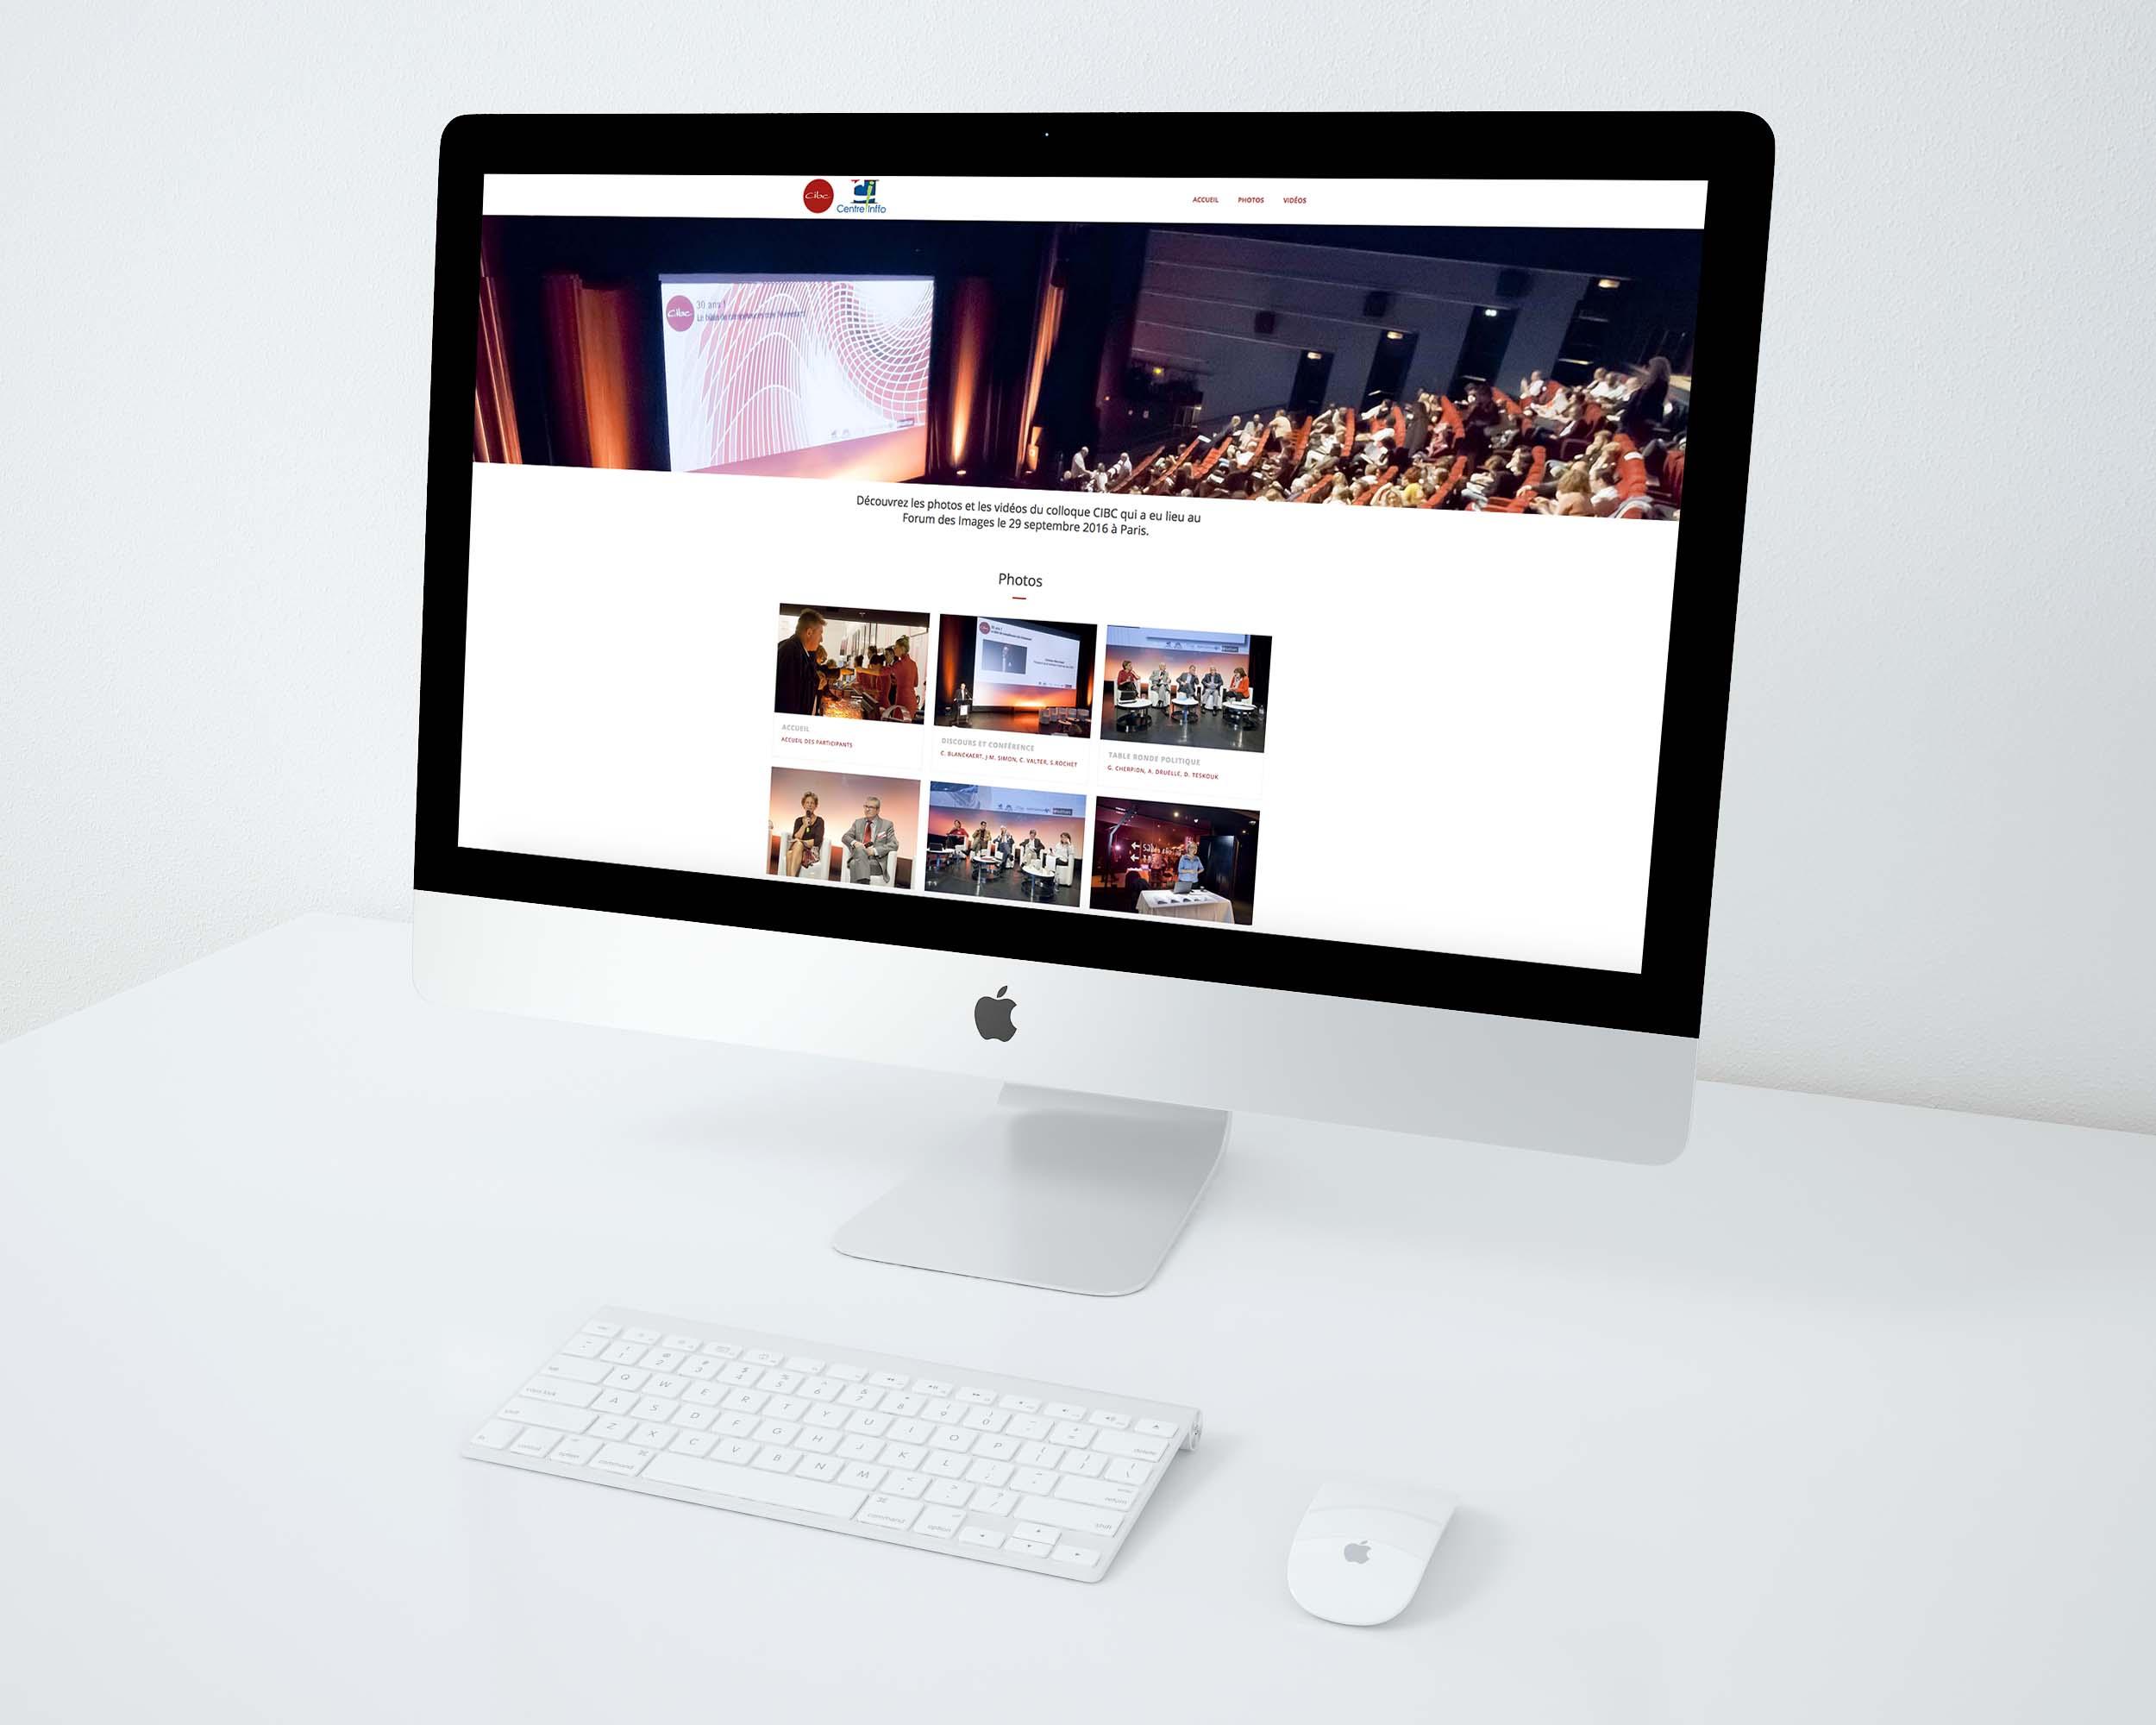 communication visuelle et production audiovisuelle, centre de bilans de compétences, convention, forum des images, webdesign, photos, vidéos, colloque, jingle, sites internet